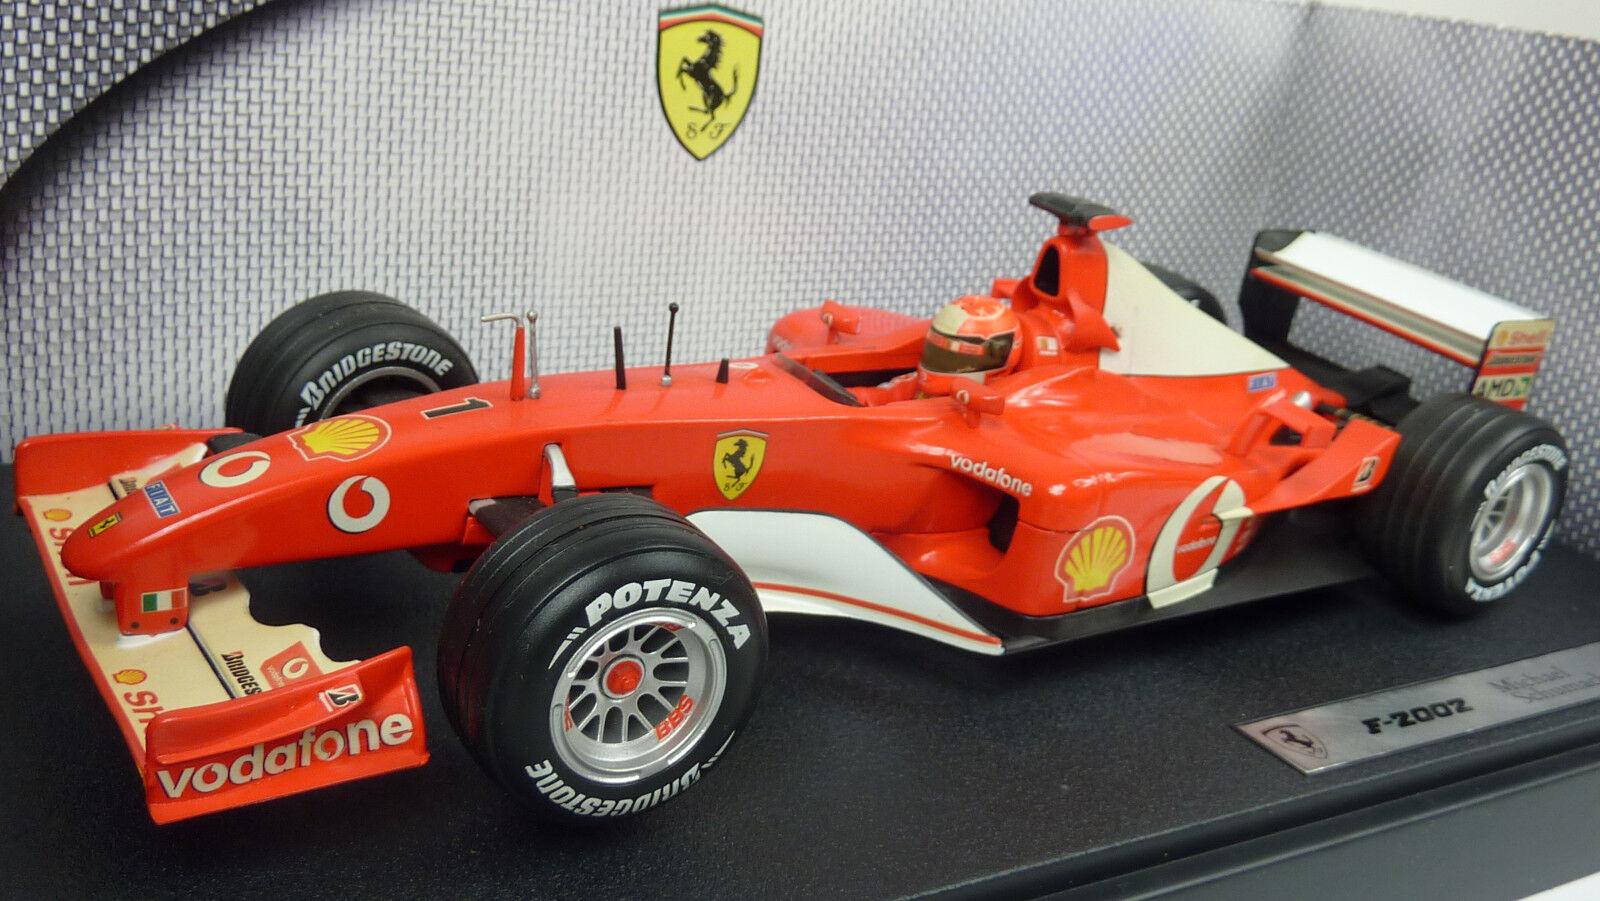 Hot Wheels Mattel 1 18 Formel 1 Ferrari F2002 Michael Schumacher OVP (A691)    Erlesene Materialien